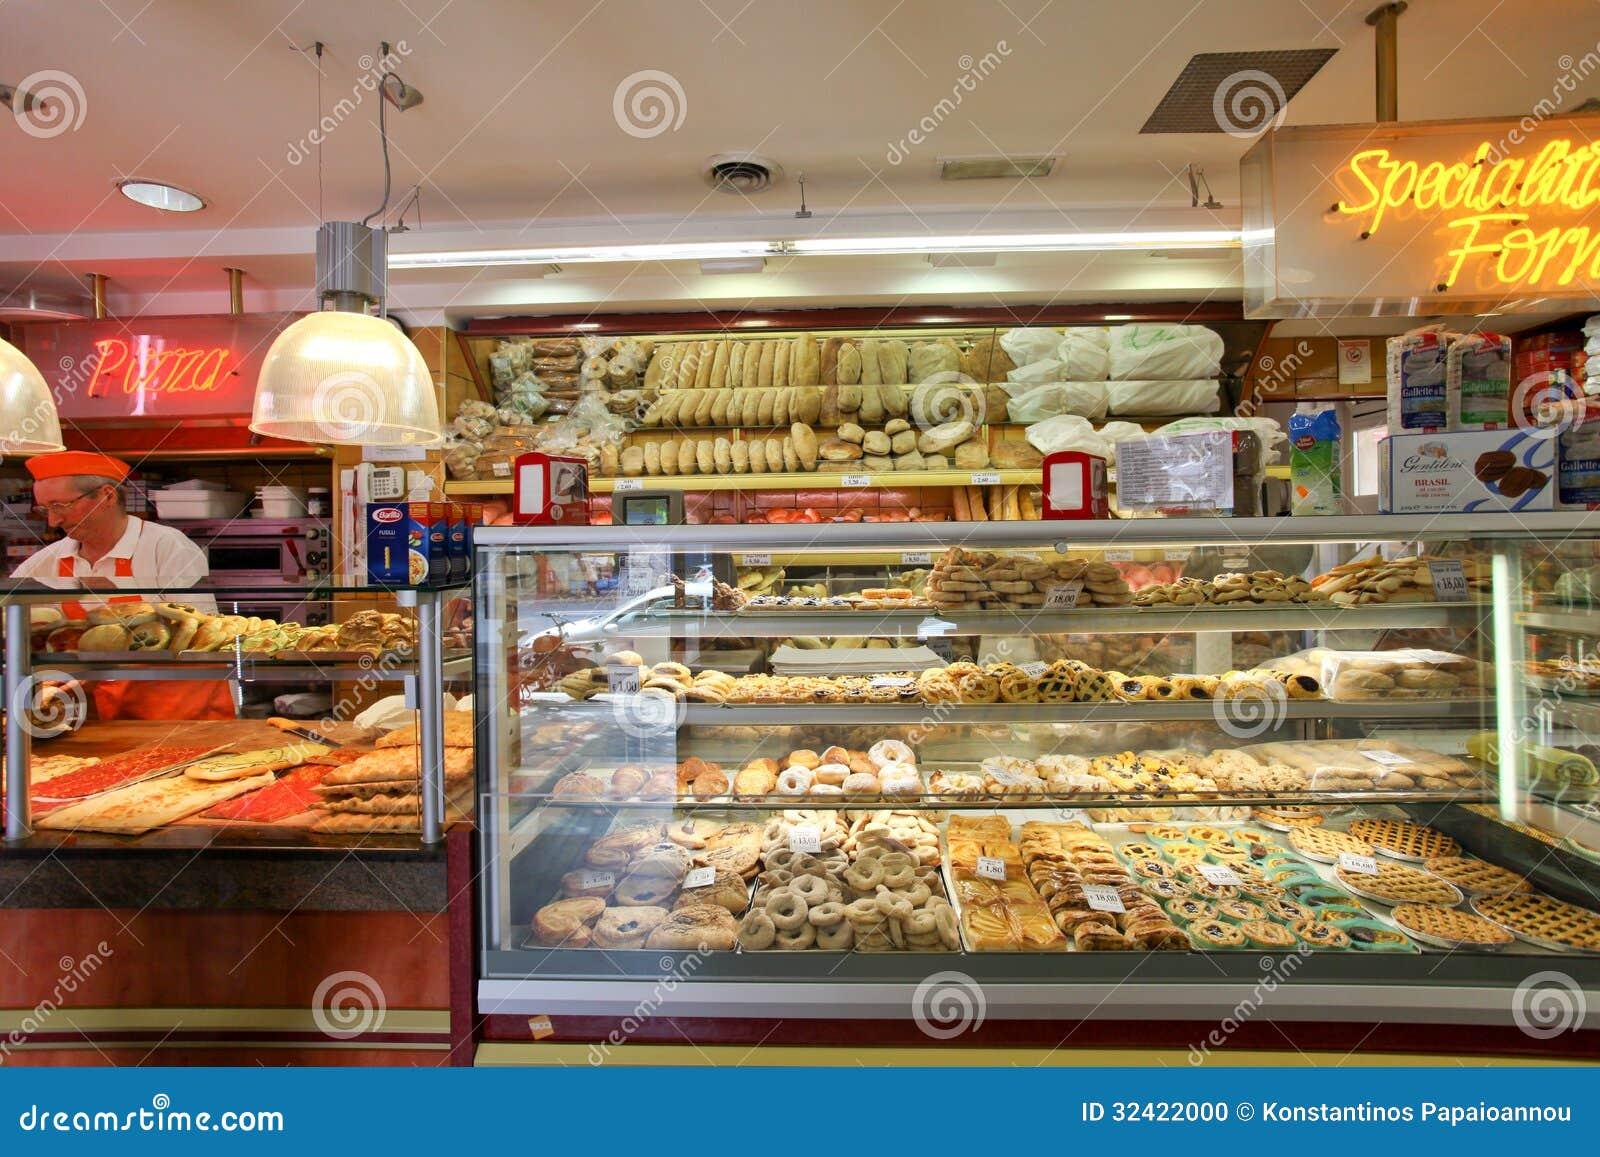 Ιταλικό κατάστημα αρτοποιείων